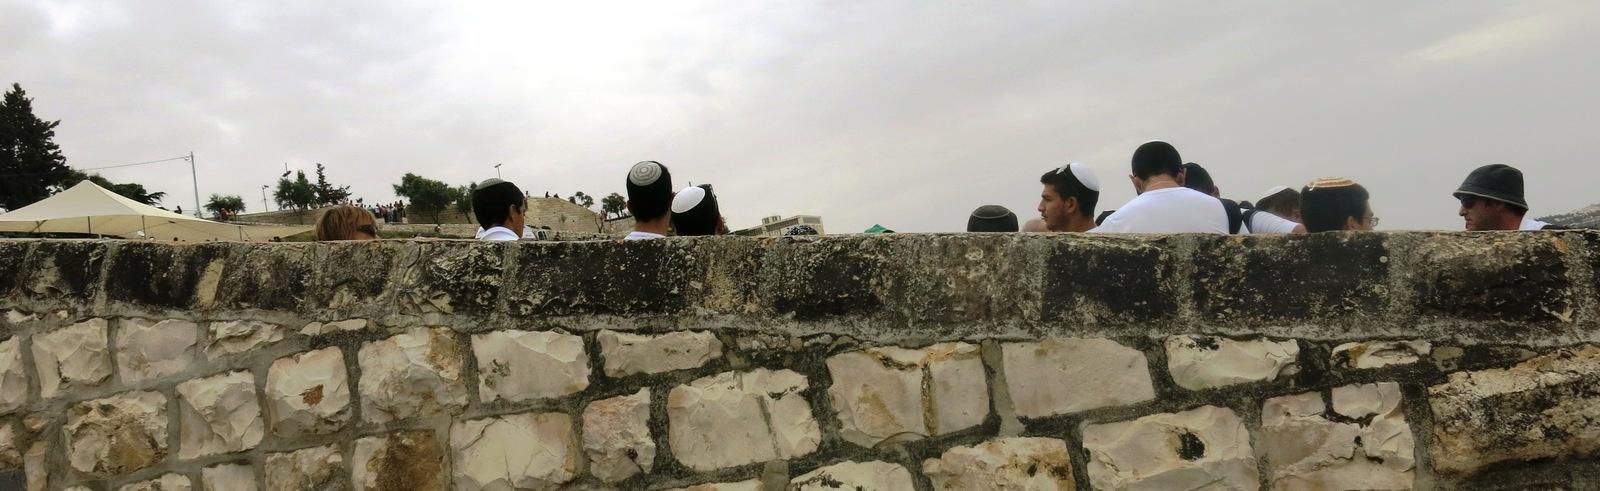 Terre sainte Israël Les gens Juifs derrière un mur